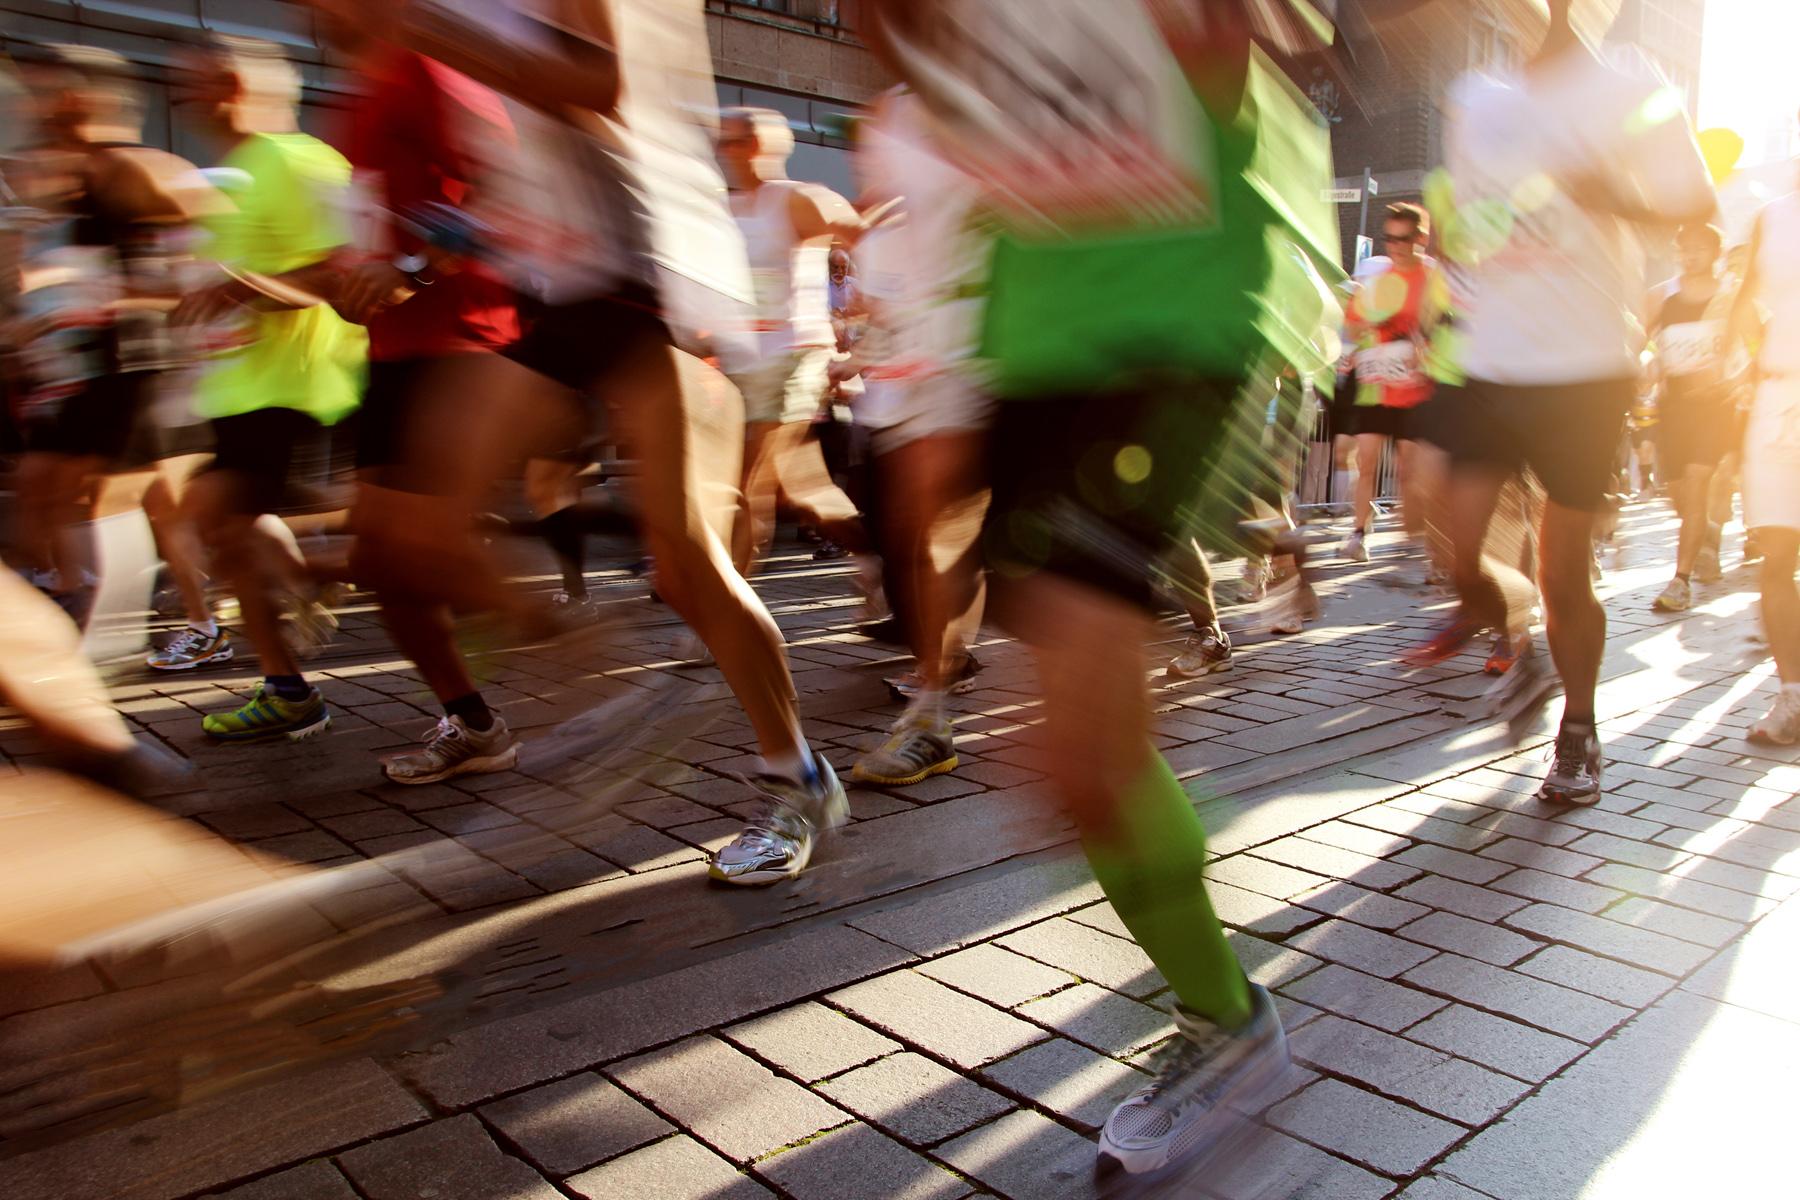 Läufer in der Innenstadt